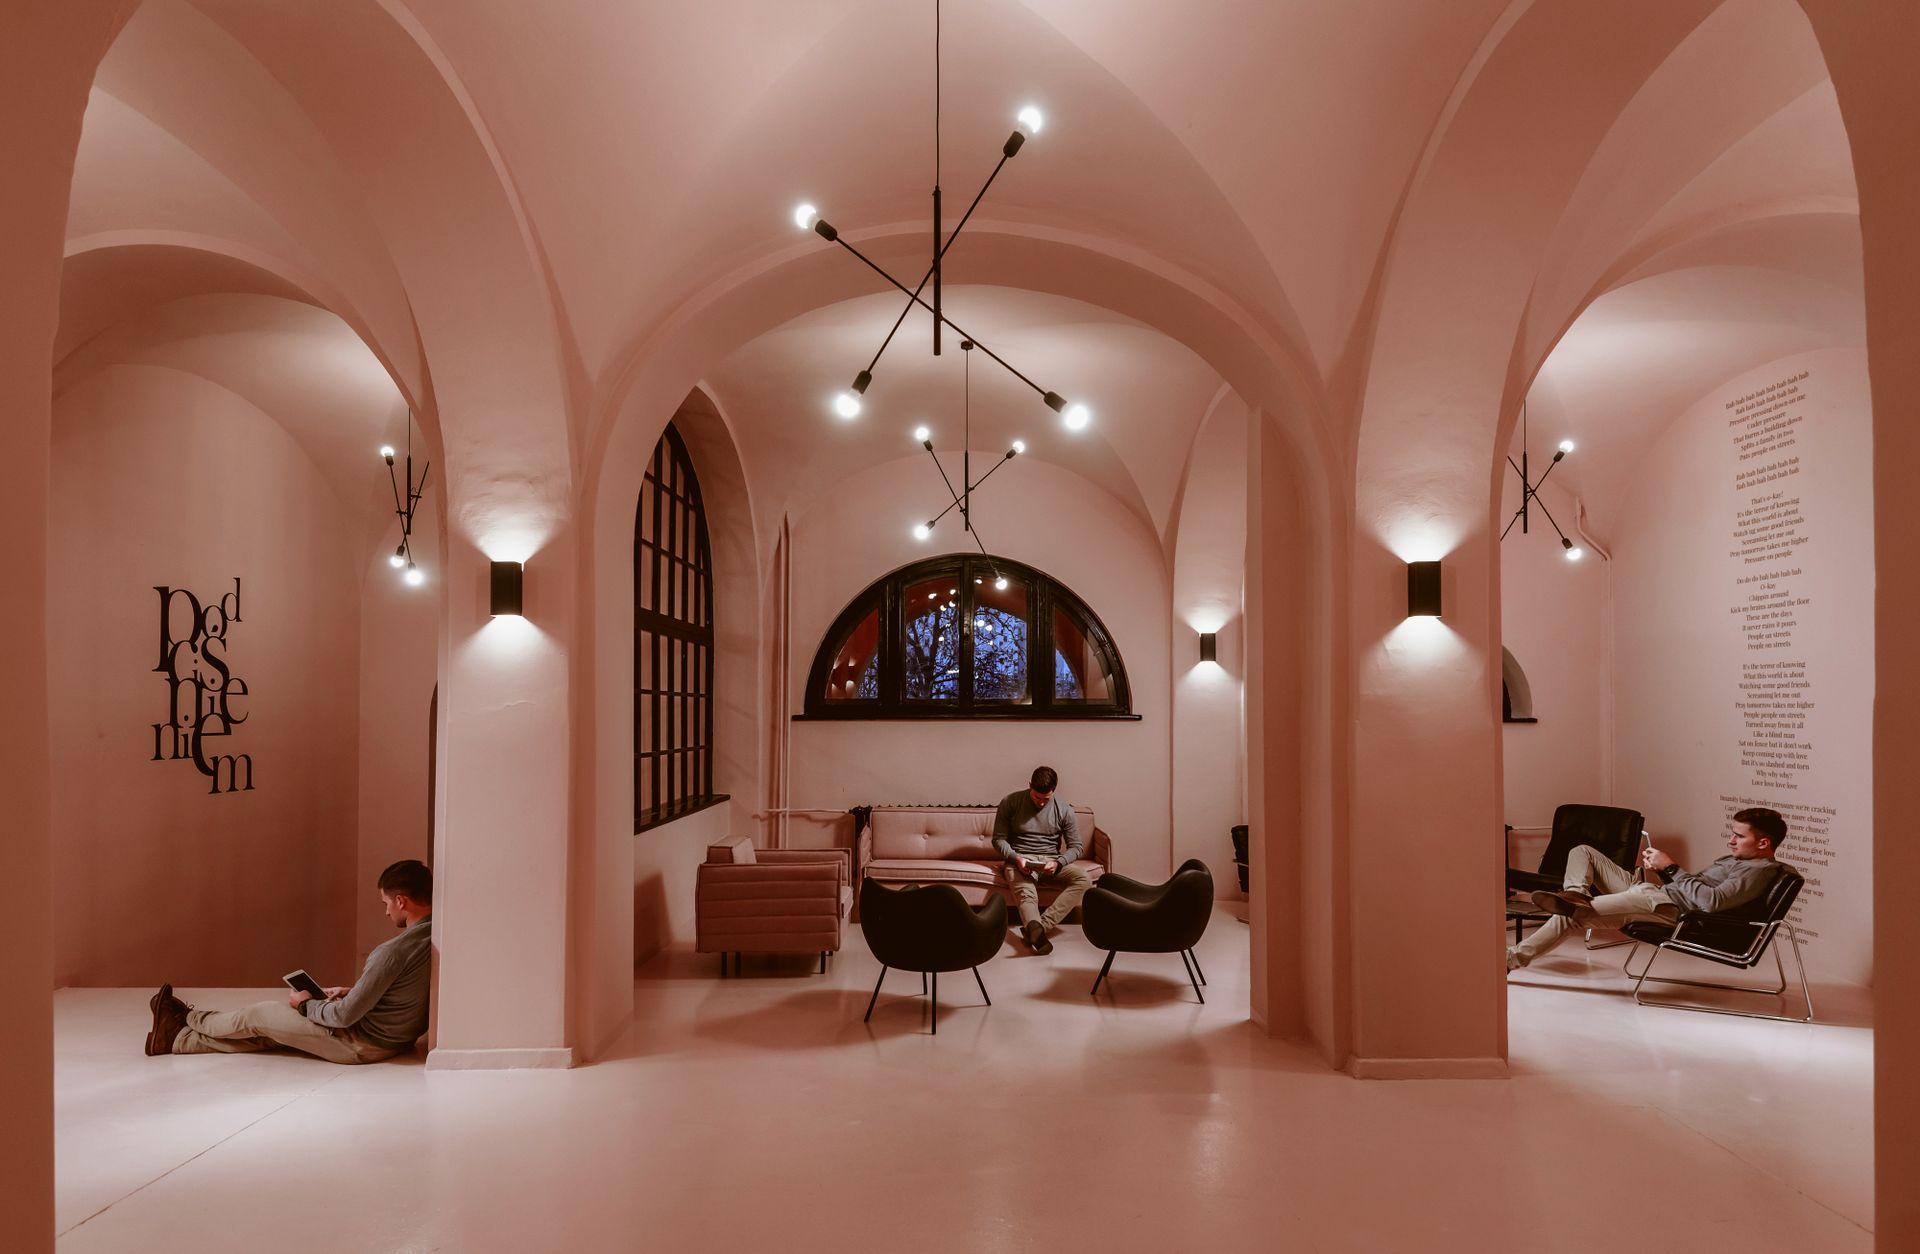 Wrocław: Pod Ciśnieniem – najpierw biura, później apartamenty. Okre rewitalizuje zabytkowy szpital